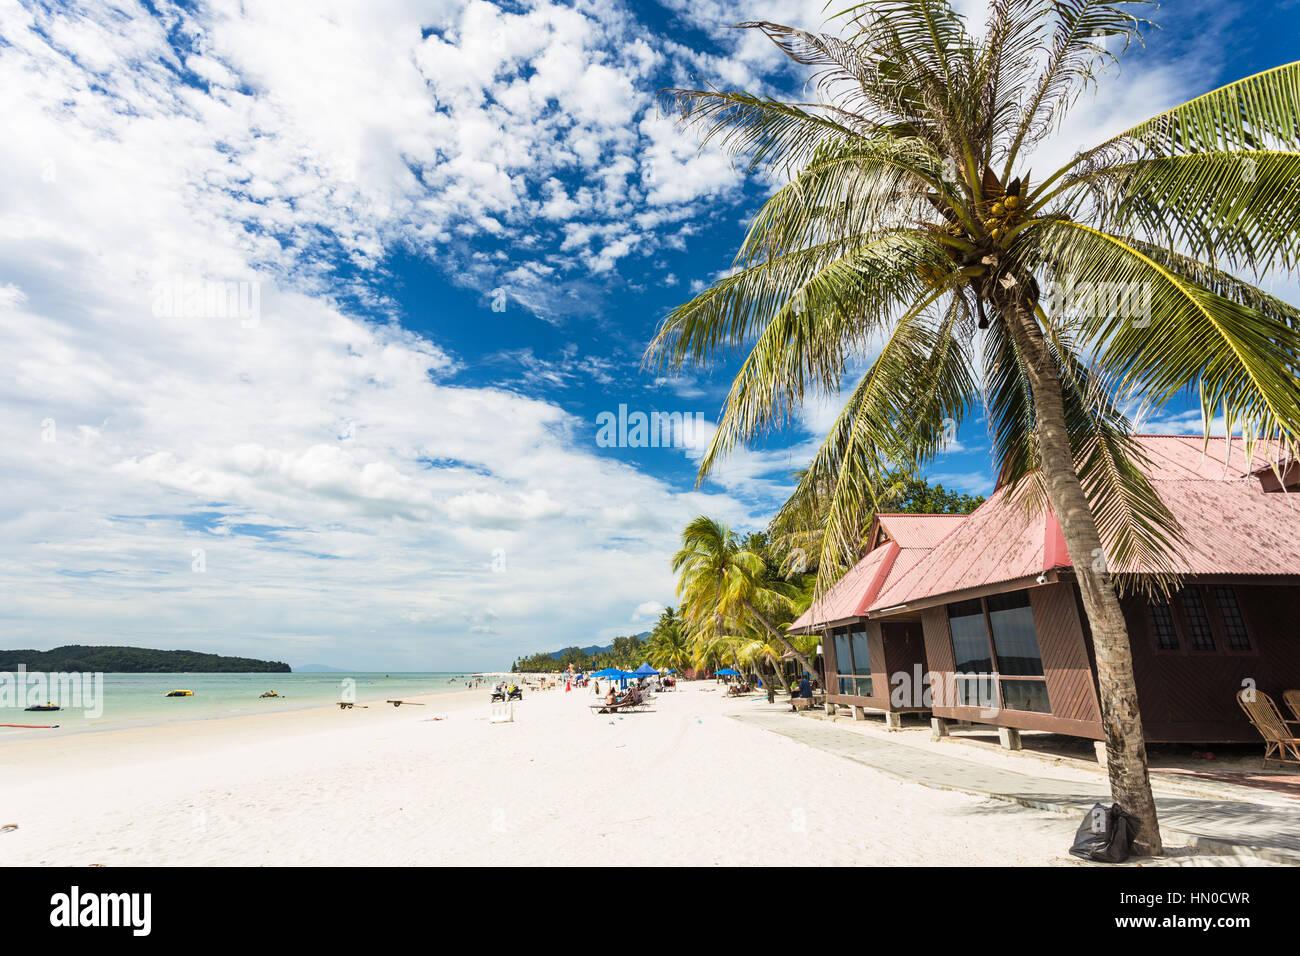 Palmier et bungalow sur Pantai Cenang, la plage la plus populaire sur l'île de Langkawi le long de la mer Photo Stock